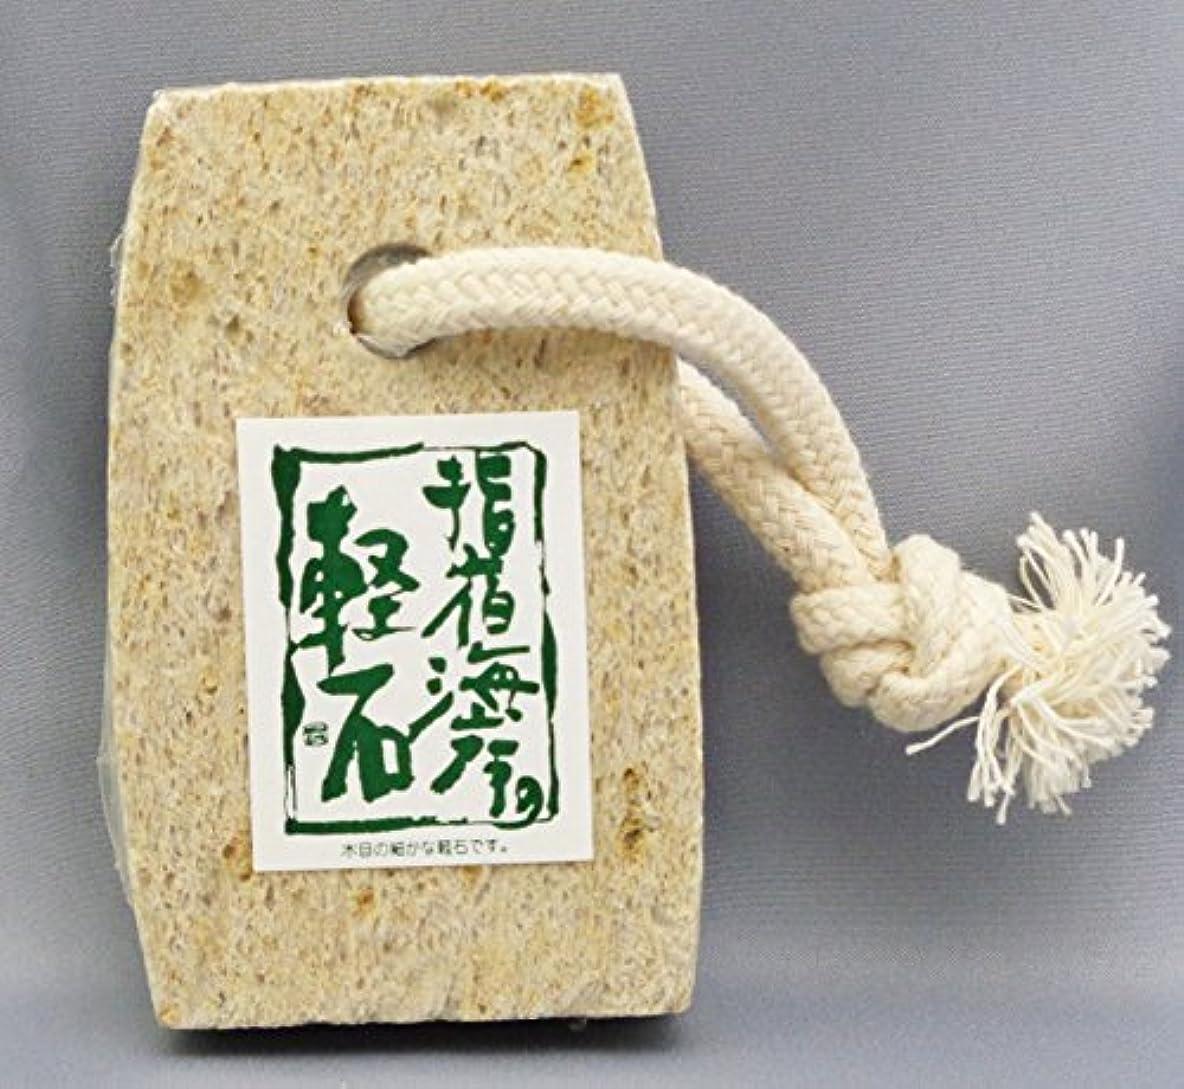 壮大な新しさトークシオザキ No.3 中判軽石 (ヒモ付き)指宿の軽石